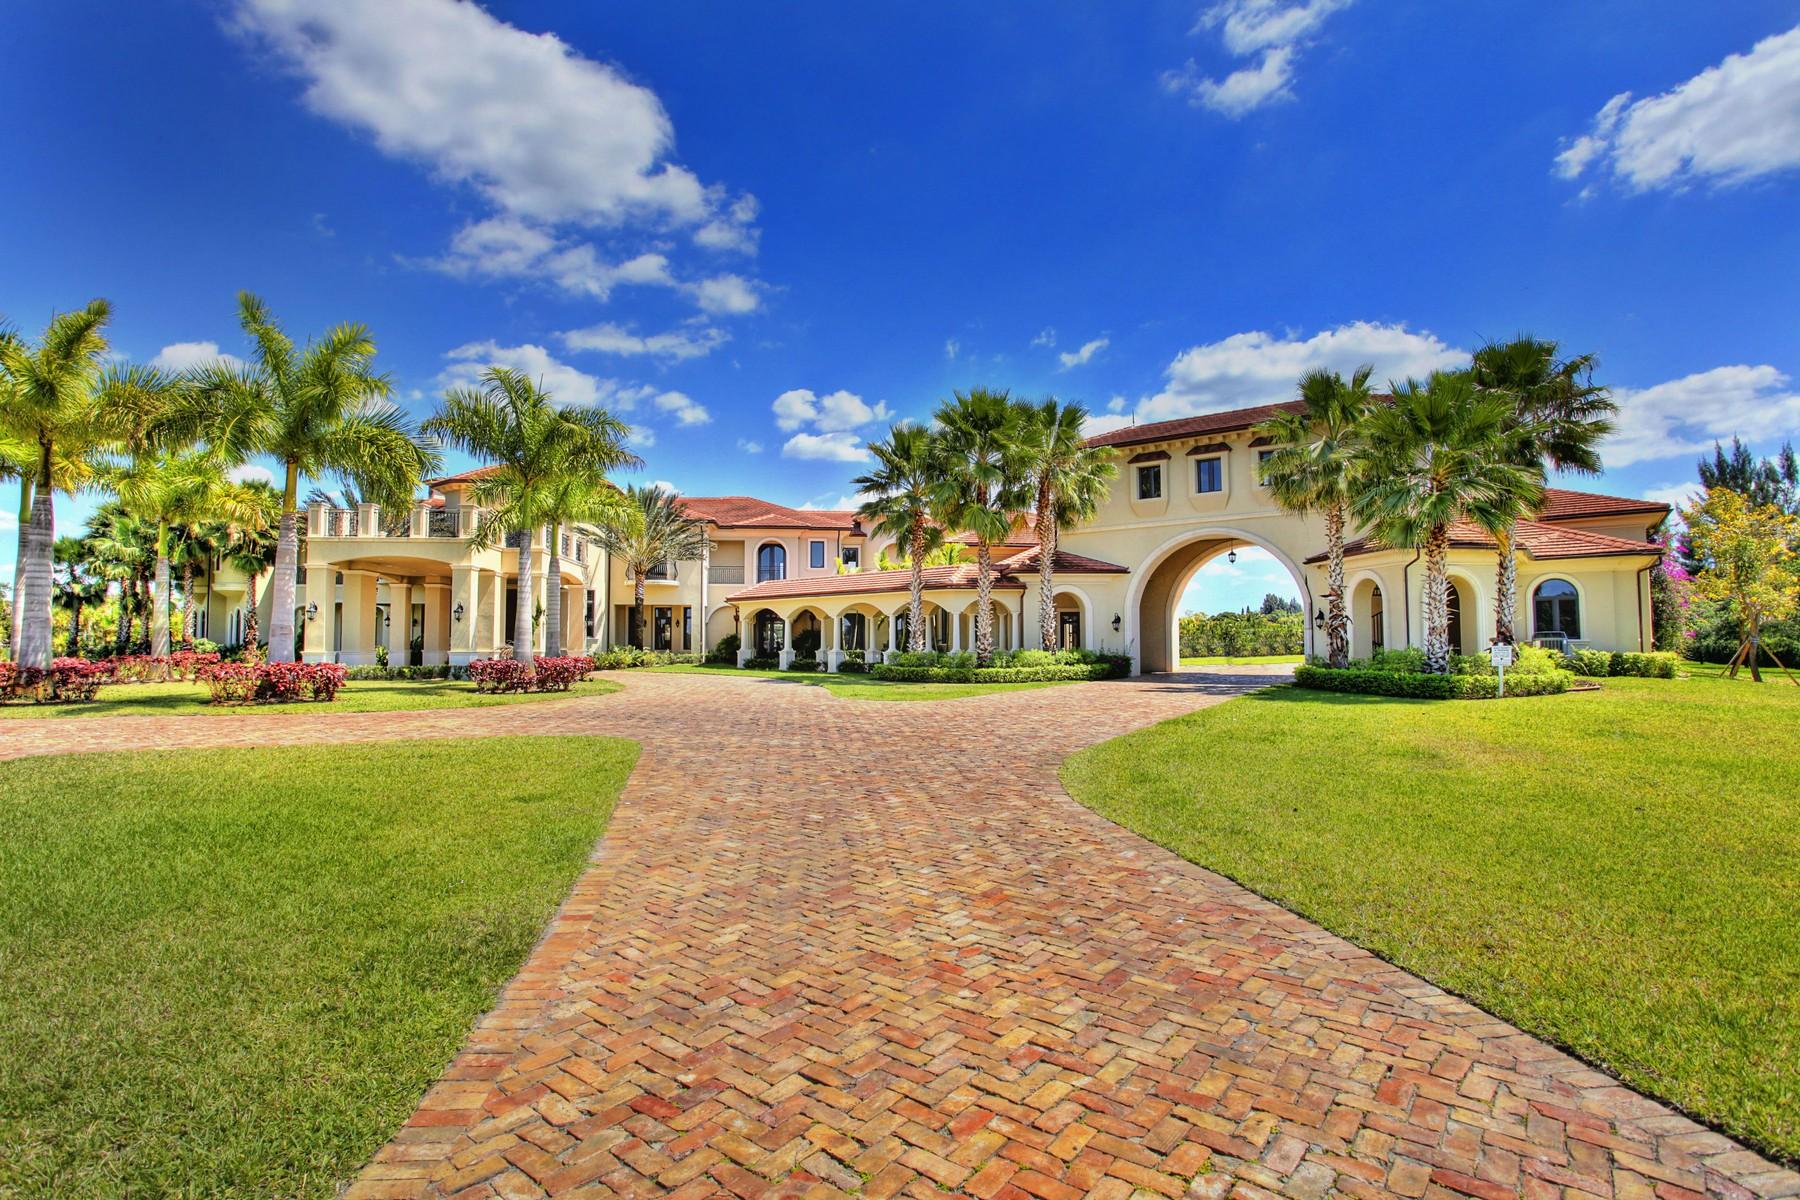 其它住宅 为 销售 在 5300 Ascot Terrace Fort Lauderdale, 佛罗里达州 33331 美国